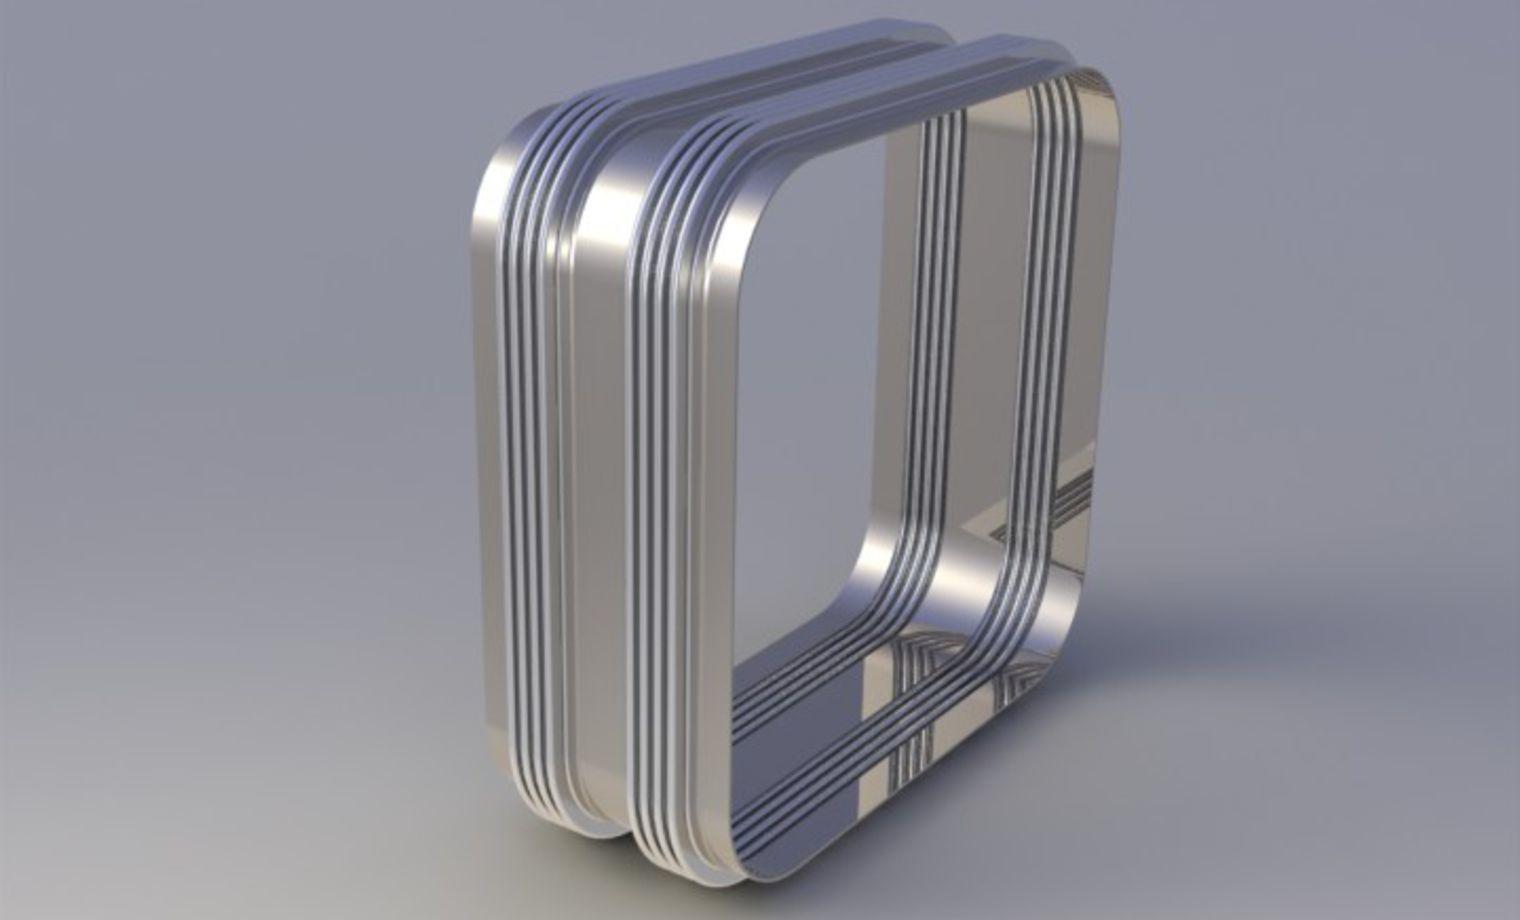 Rectangular metal expansion joints